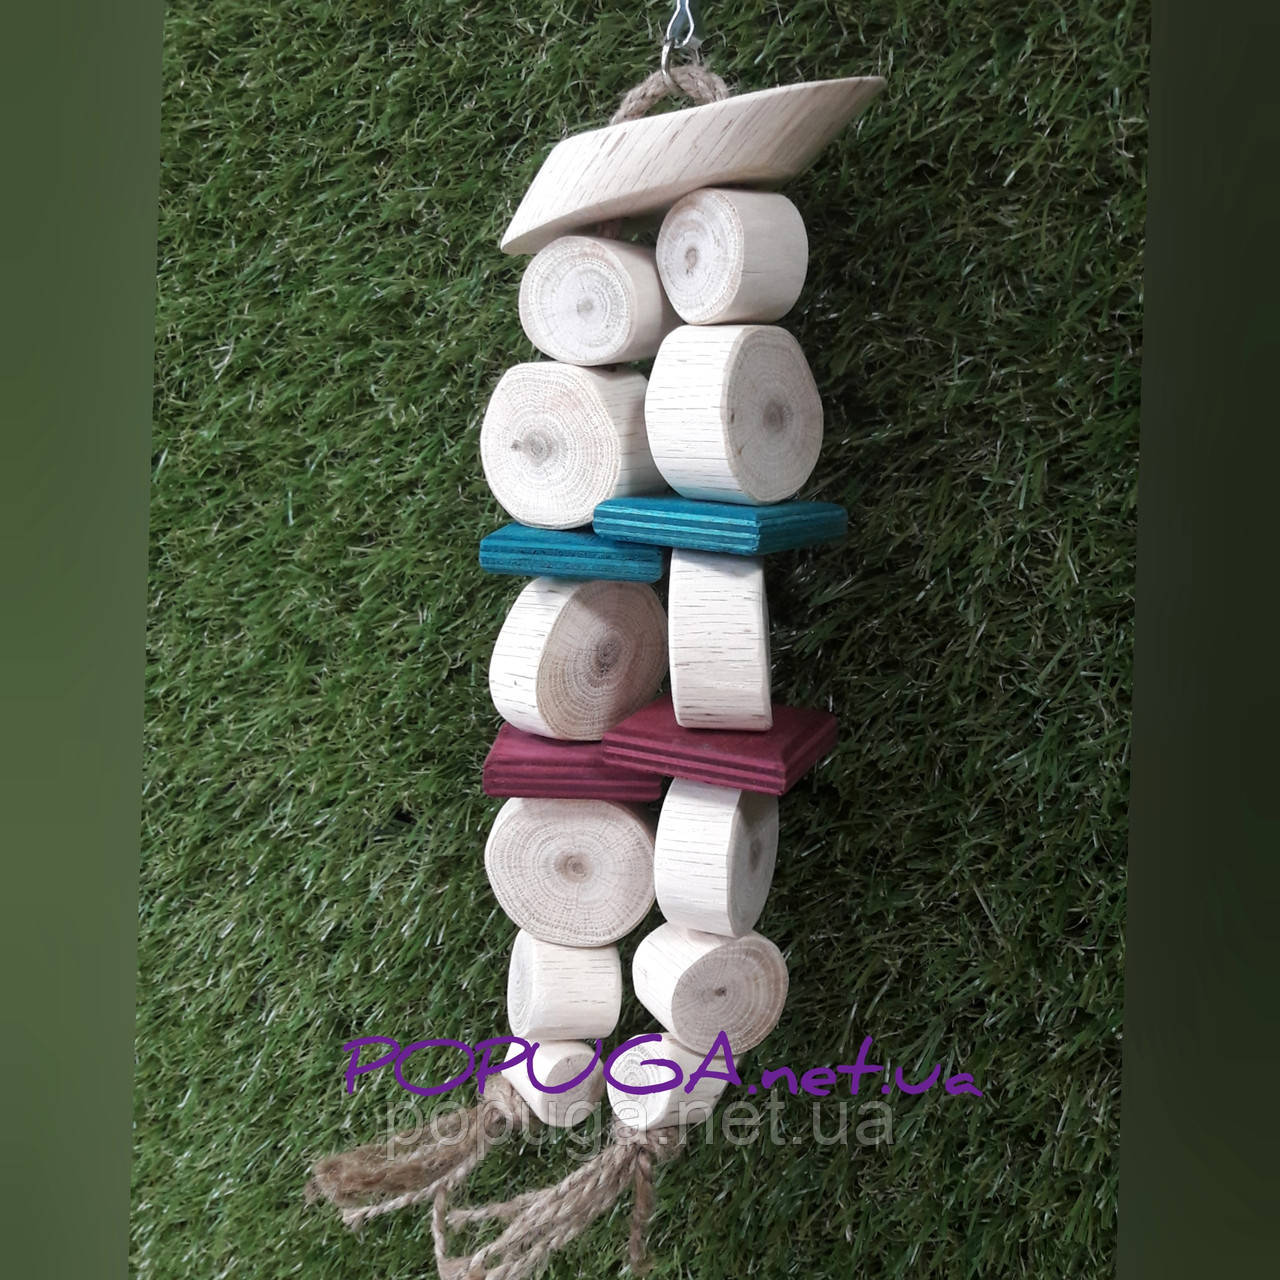 Деревянная игрушка для попугаев, 29 см